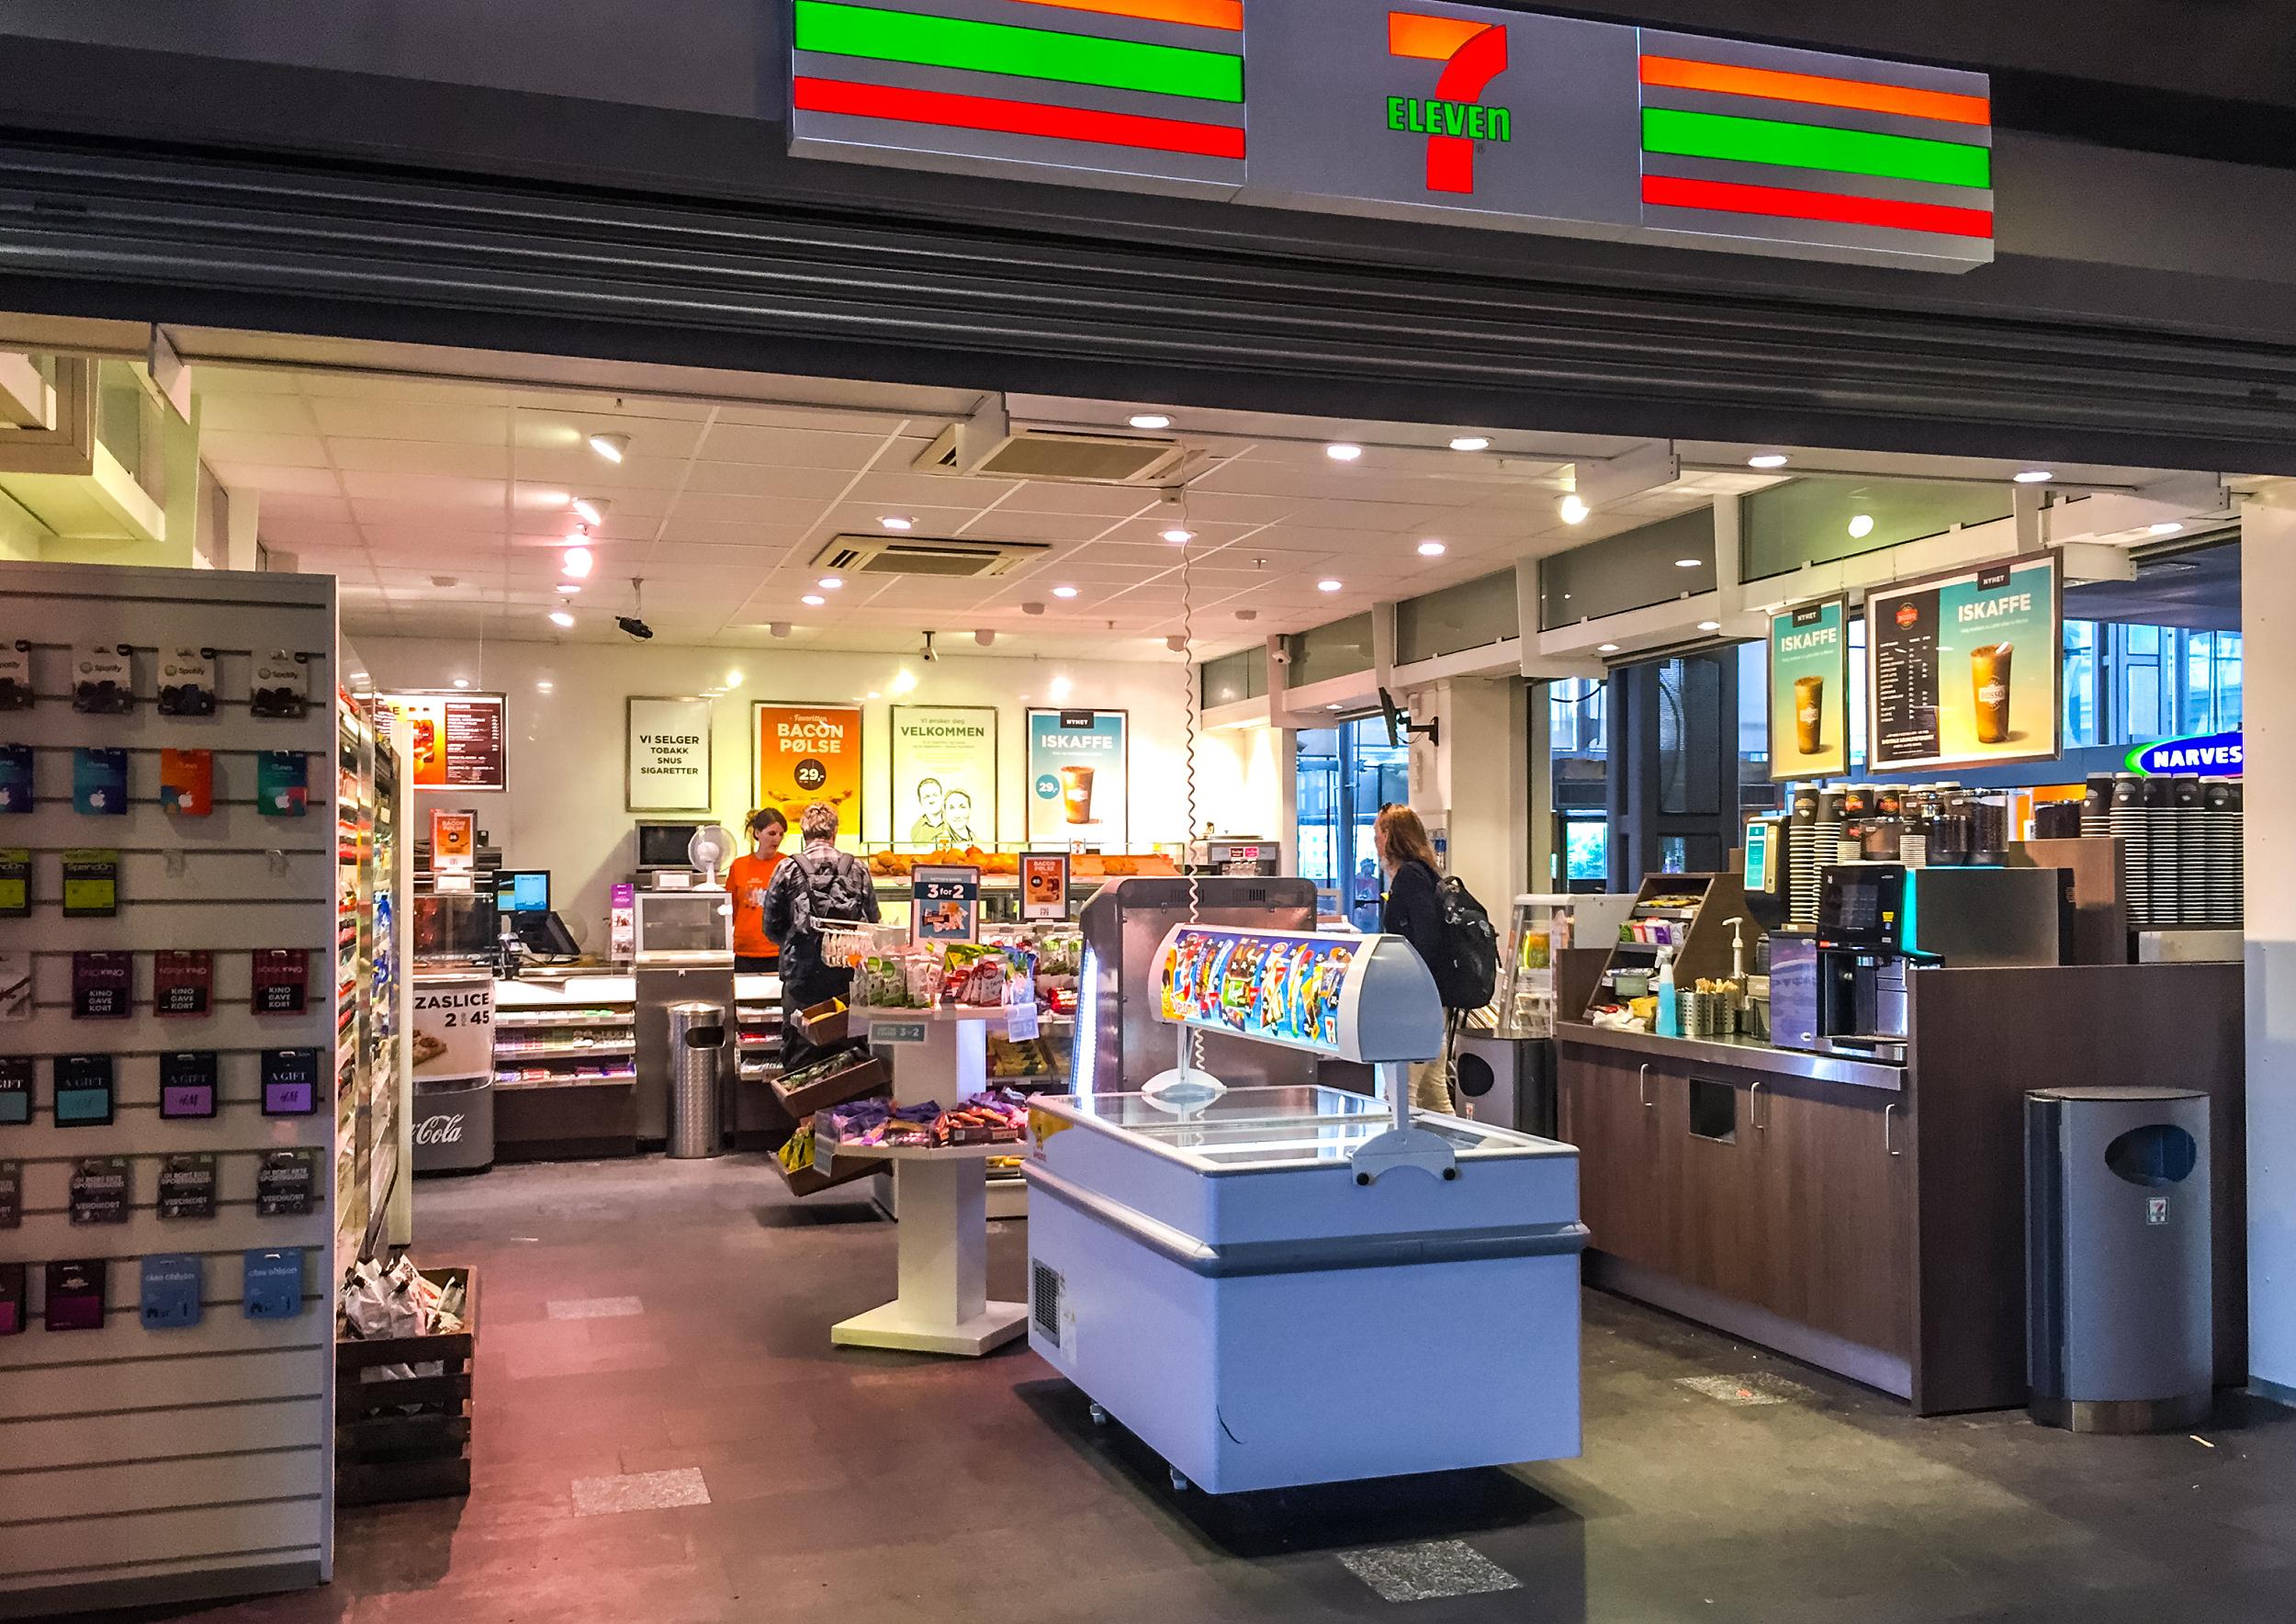 便利店自有品牌:存量时代的竞争王牌